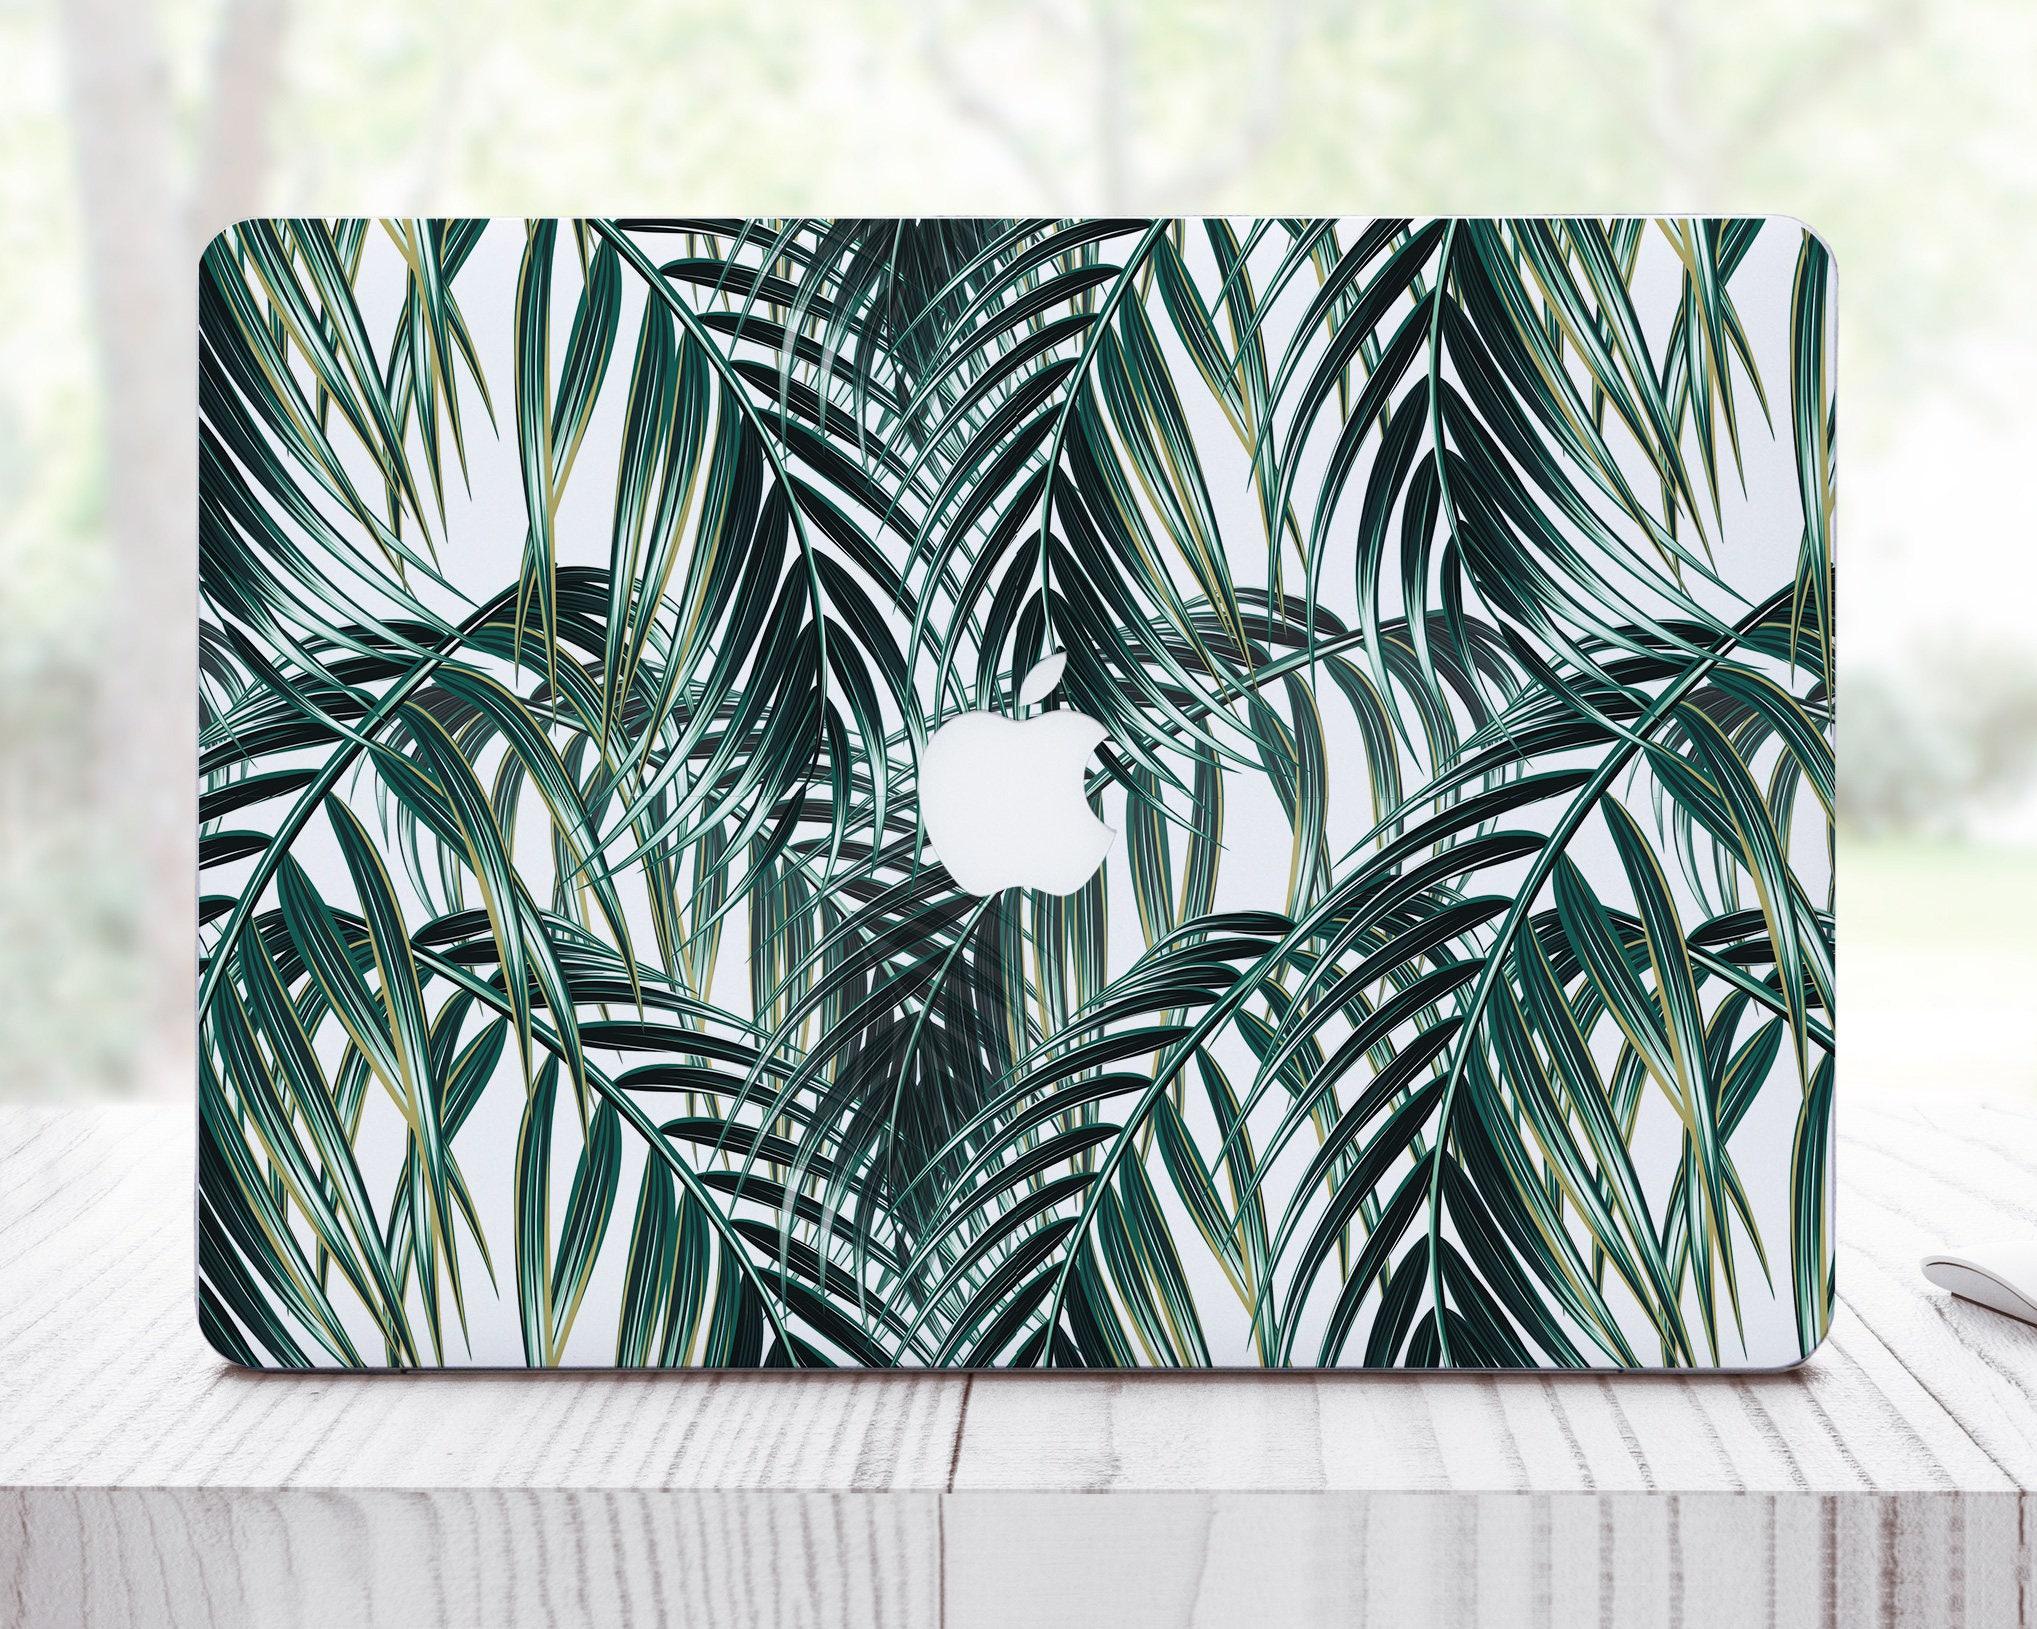 Tropical Leaves Mac Pro 15 Sticker MacBook Air Skin For MacBook Air 13 inch Skin Pink MacBook Pro Retina Sticker Mac Pro Cover ES0115